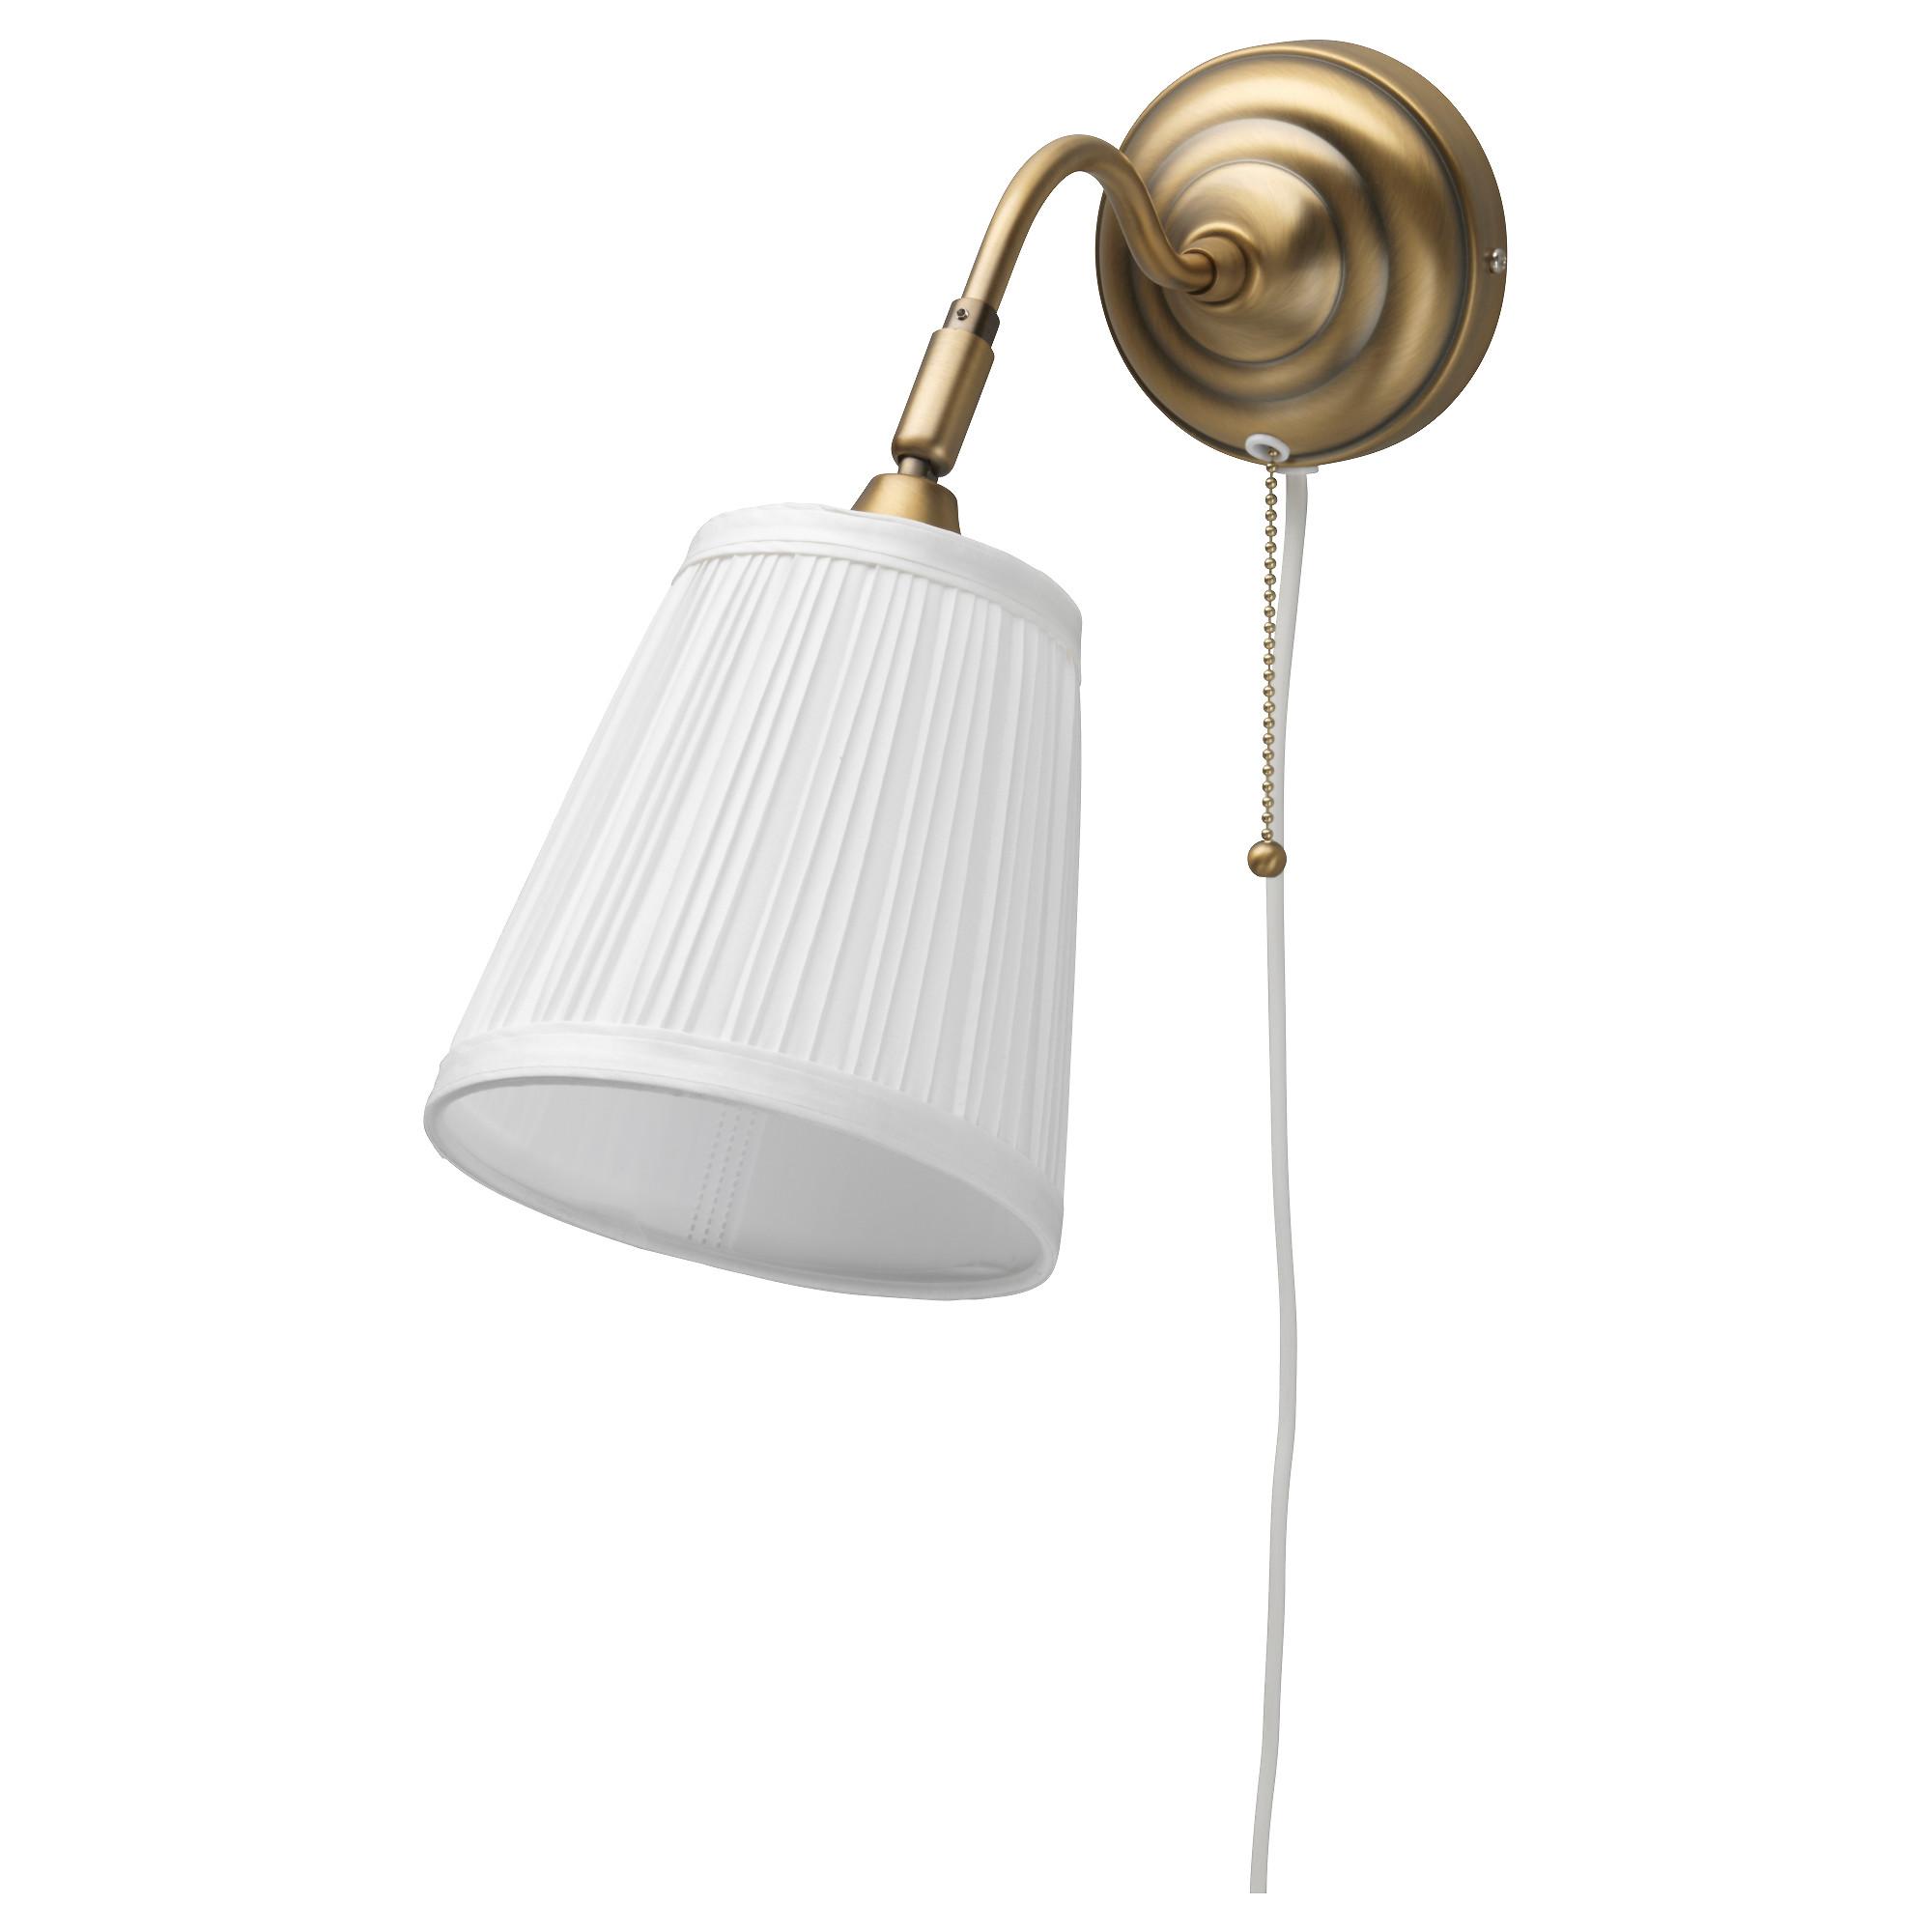 Arstid Ikea Wall Lamps Komnit Store